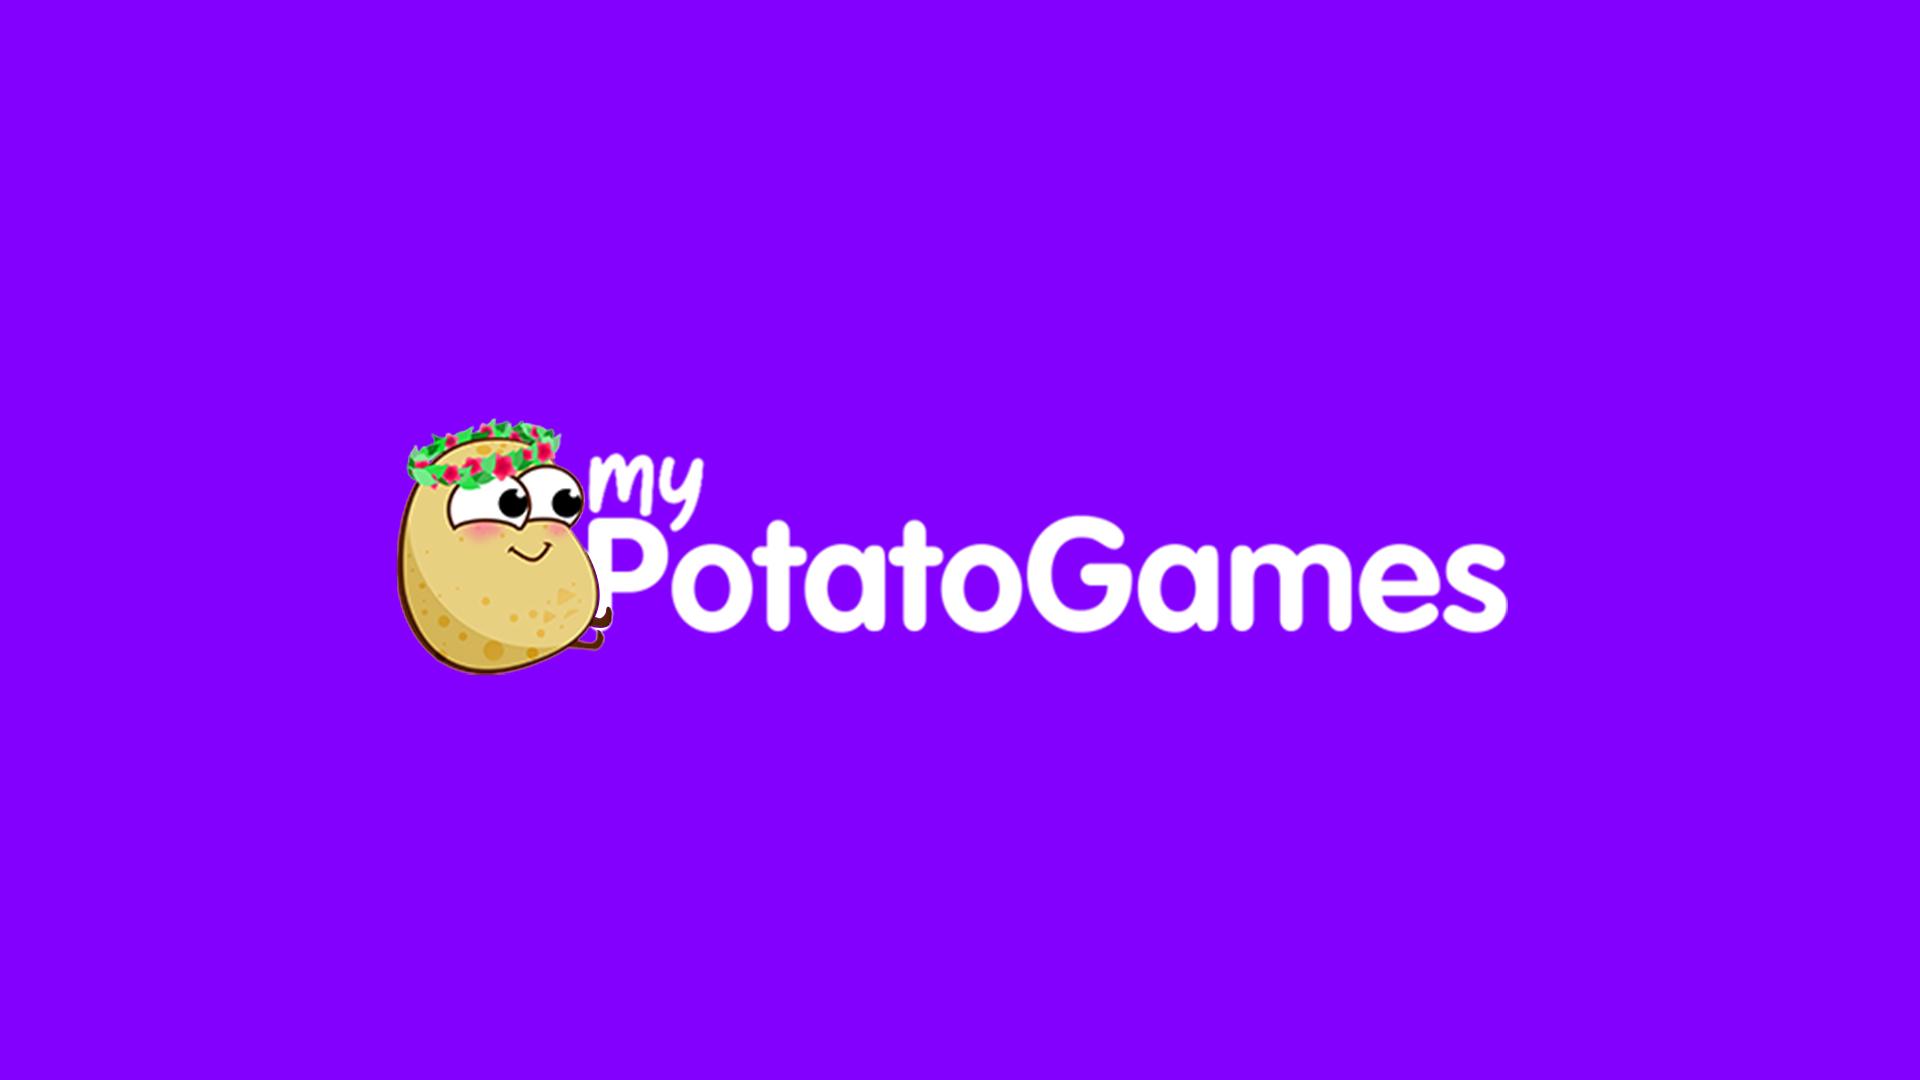 My-potato-games-logo